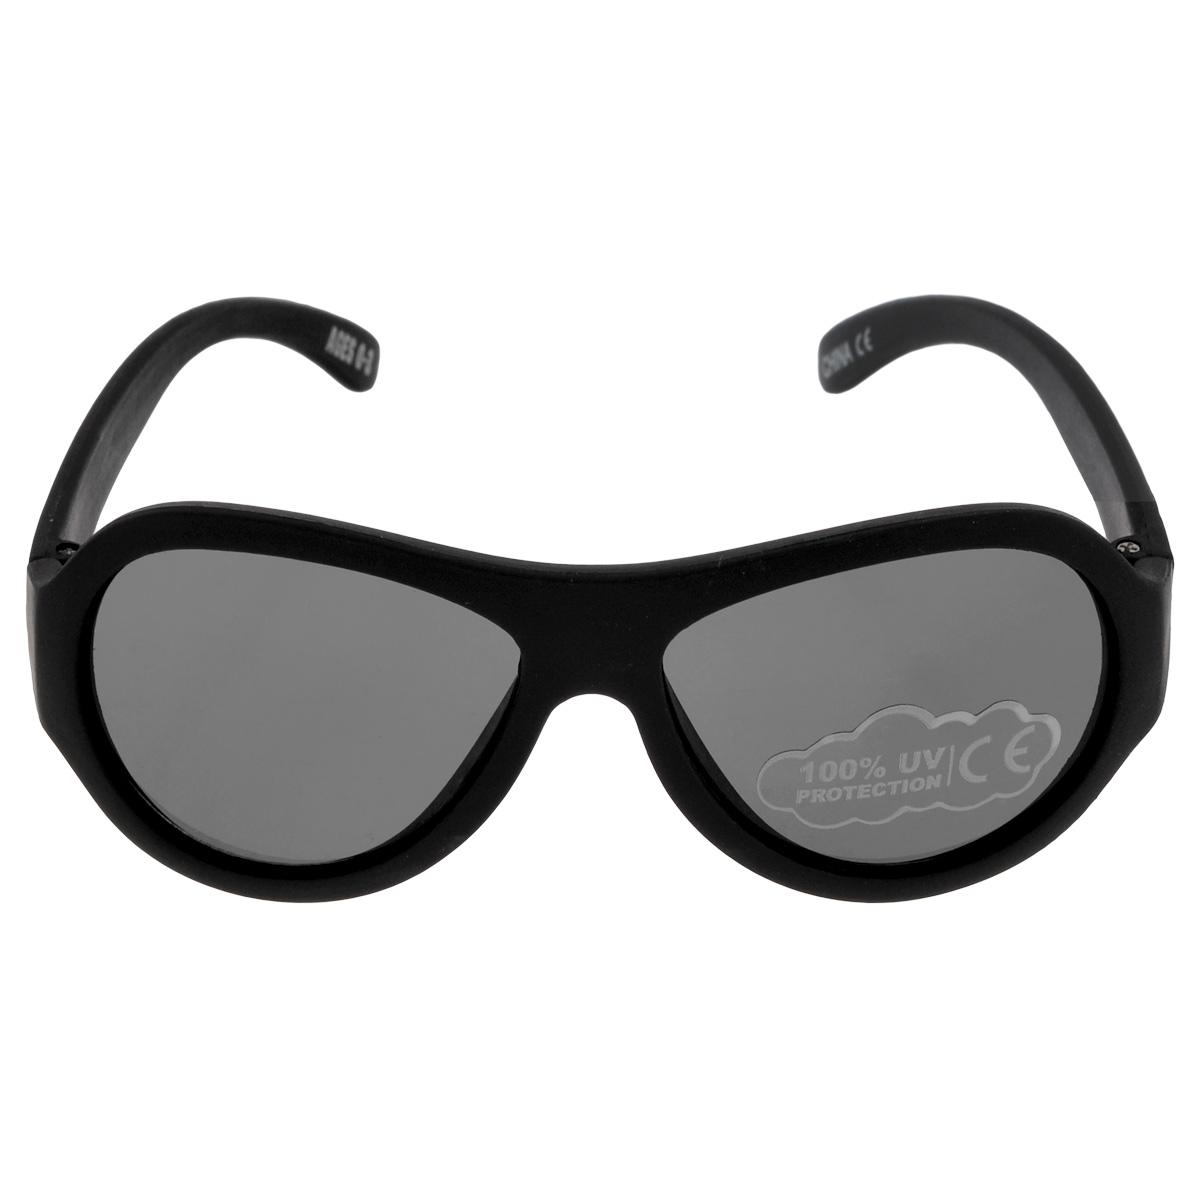 Детские солнцезащитные очки Babiators Спецназ (Black Ops), цвет: черный, 0-3 летINT-06501Вы делаете все возможное, чтобы ваши дети были здоровы и в безопасности. Шлемы для езды на велосипеде, солнцезащитный крем для прогулок на солнце... Но как насчёт влияния солнца на глаза вашего ребёнка? Правда в том, что сетчатка глаза у детей развивается вместе с самим ребёнком. Это означает, что глаза малышей не могут отфильтровать УФ-излучение. Проблема понятна - детям нужна настоящая защита, чтобы глазки были в безопасности, а зрение сильным.Каждая пара солнцезащитных очков Babiators для детей обеспечивает 100% защиту от UVA и UVB. Прочные линзы высшего качества не подведут в самых сложных переделках. В отличие от обычных пластиковых очков, оправа Babiators выполнена из гибкого прорезиненного материала, что делает их ударопрочными, их можно сгибать и крутить - они не сломаются и вернутся в прежнюю форму. Не бойтесь, что ребёнок сядет на них - они всё выдержат. Будьте уверены, что очки Babiators созданы безопасными, прочными и классными, так что вы и ваш ребенок можете приступать к своим приключениям!